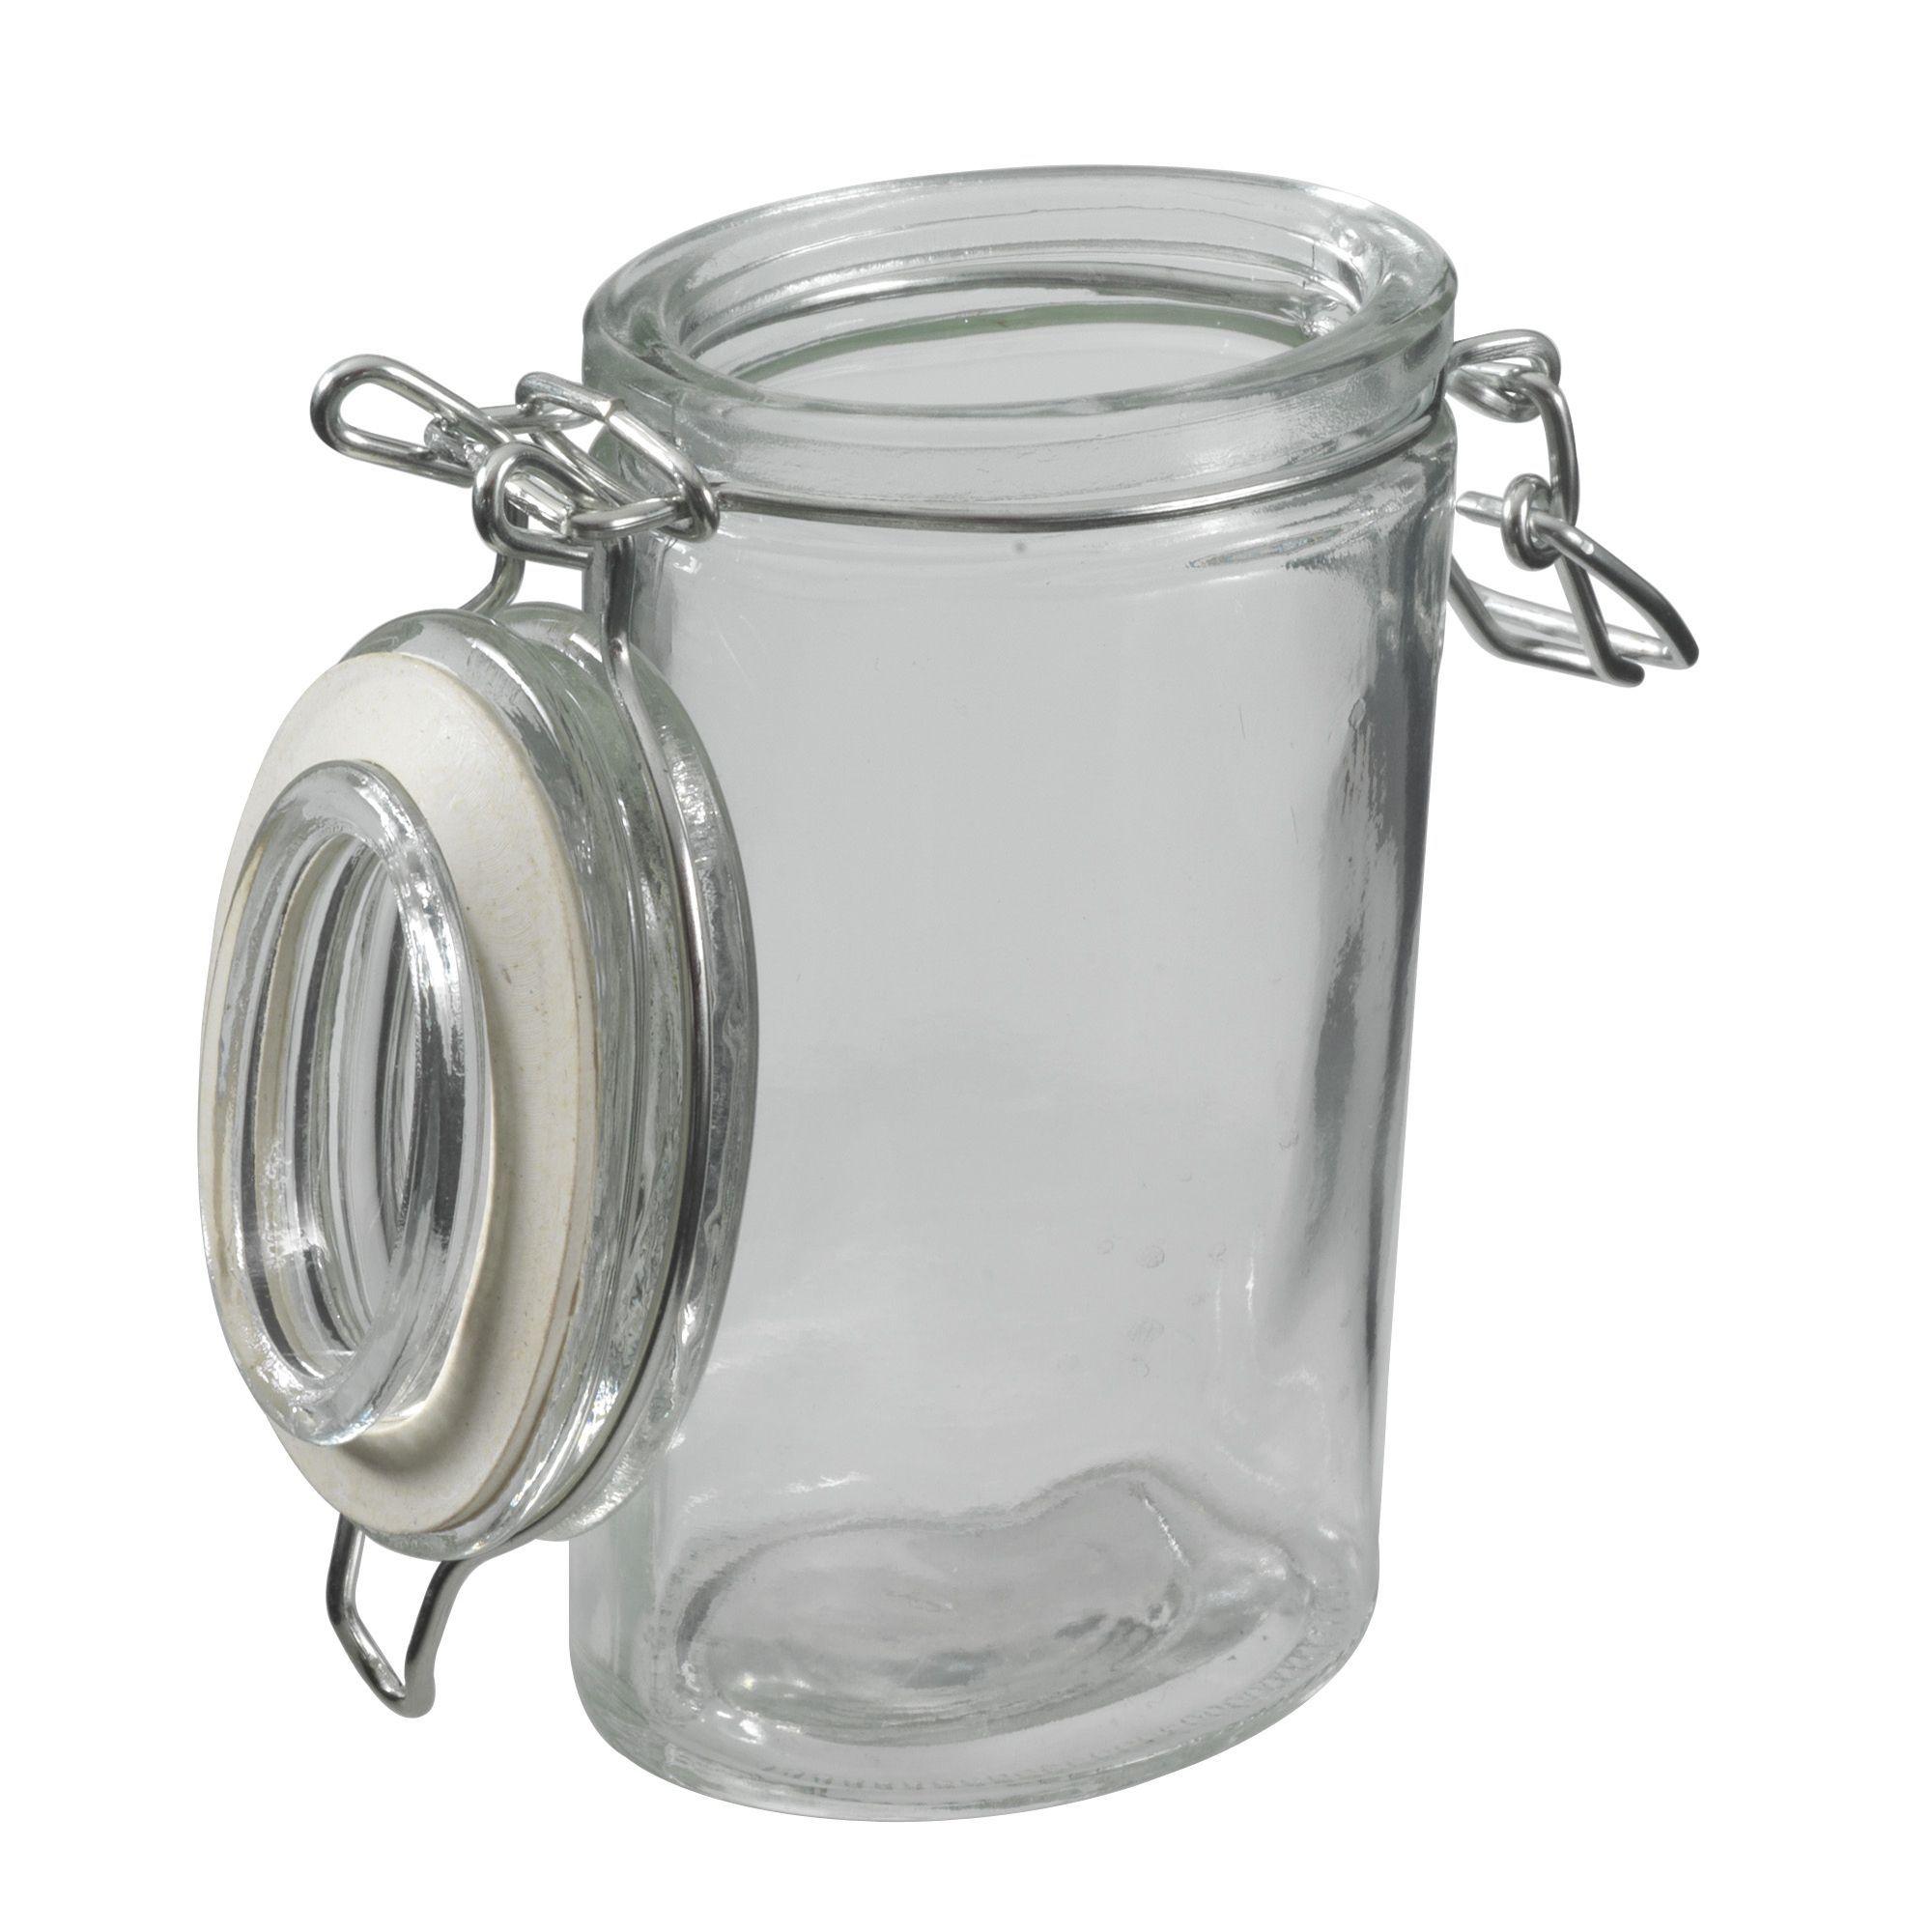 pot pices ovale en verre erzo les bocaux et boites pour conserver et ranger cuisine par. Black Bedroom Furniture Sets. Home Design Ideas